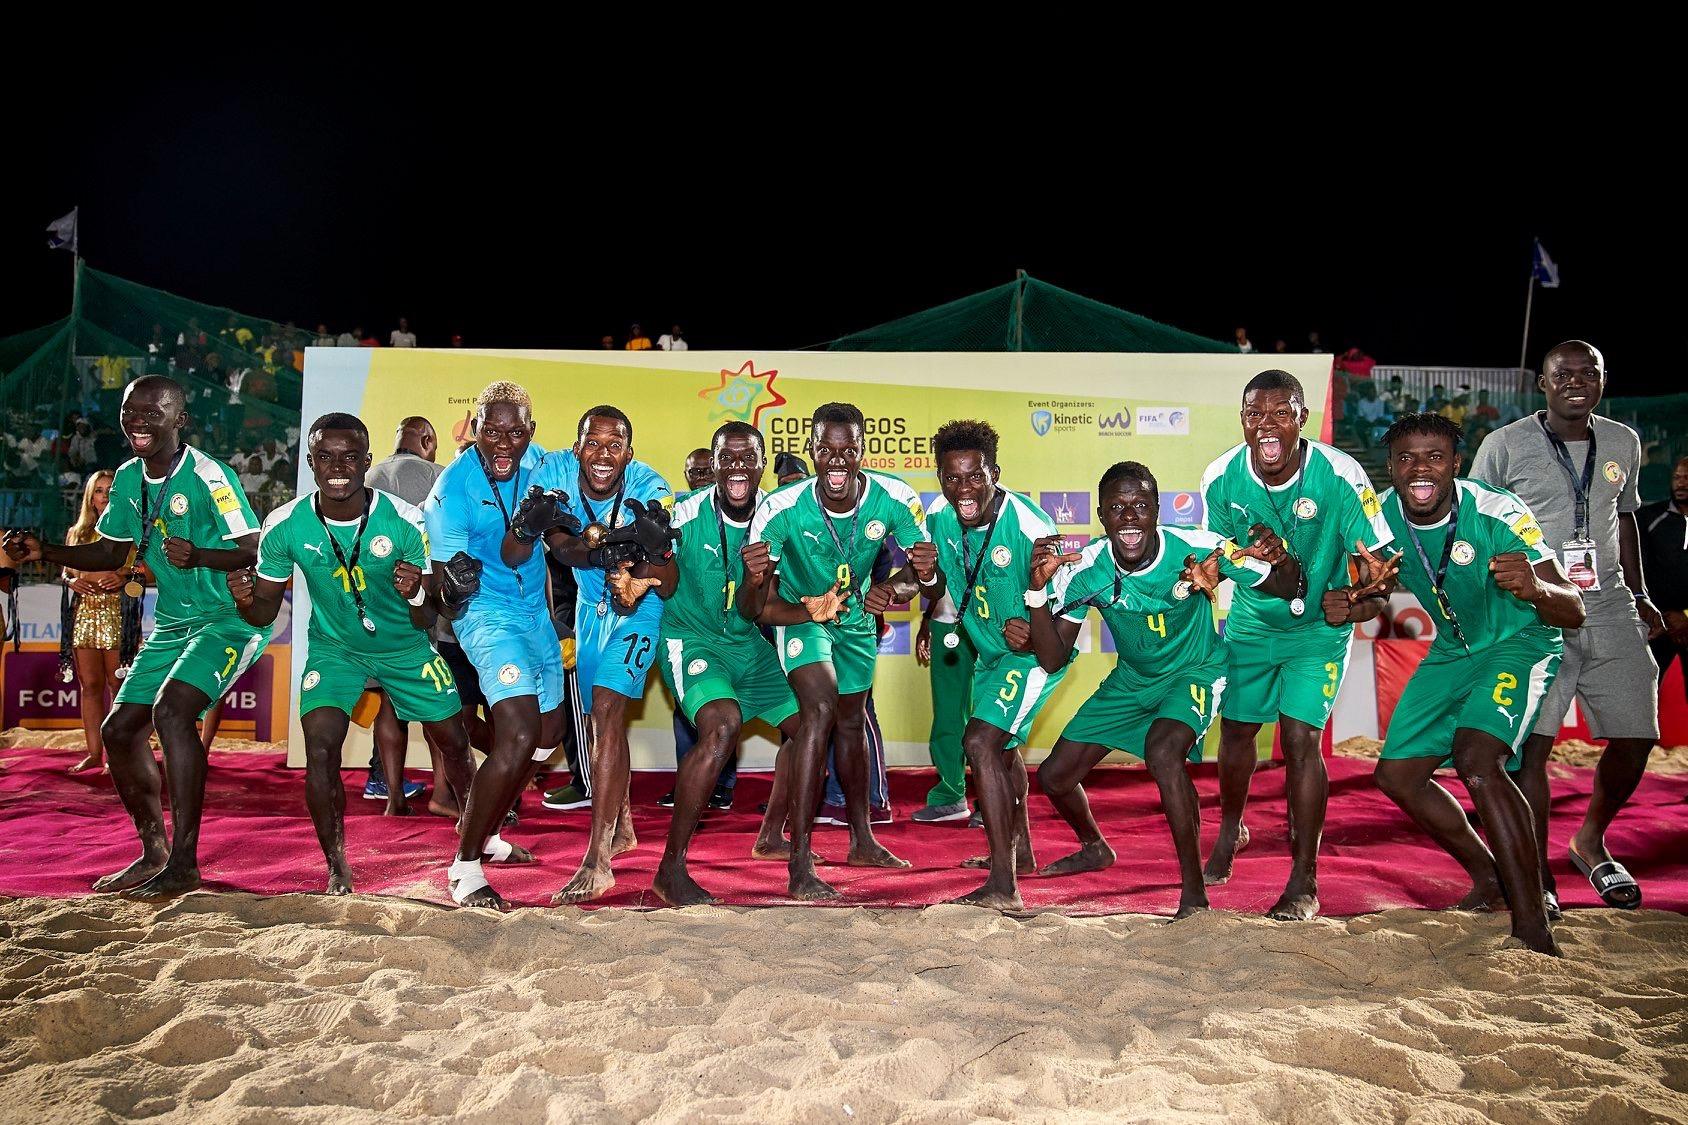 Beach soccer : Le Sénégal remporte la «Copa Lagos» après sa victoire 3-2 contre l'Angleterre.